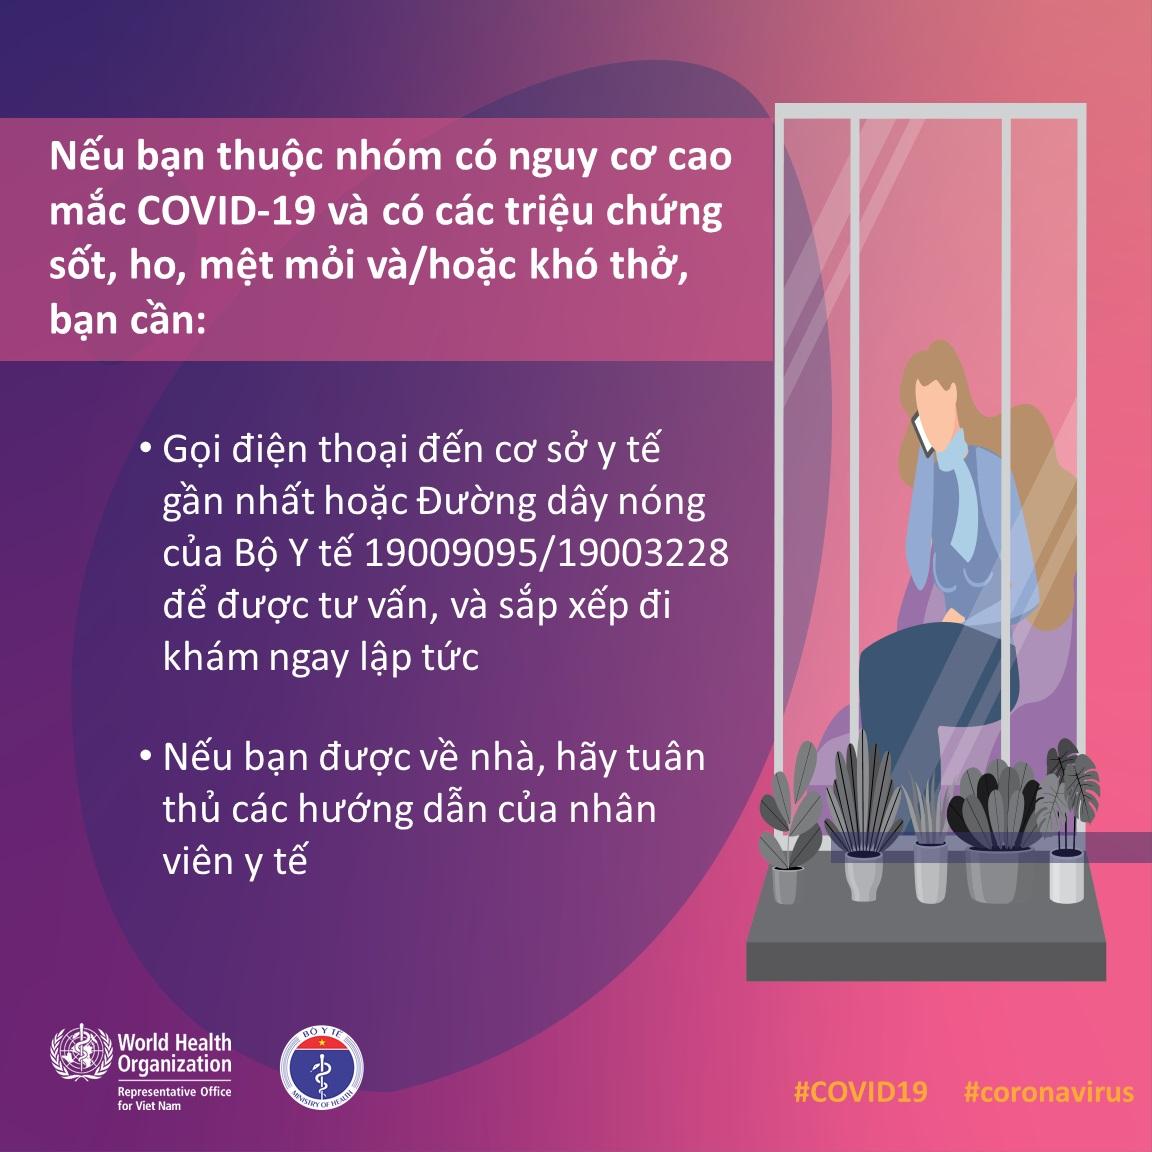 Hiểu về Covid-19 để bảo vệ bản thân và cộng đồng -0